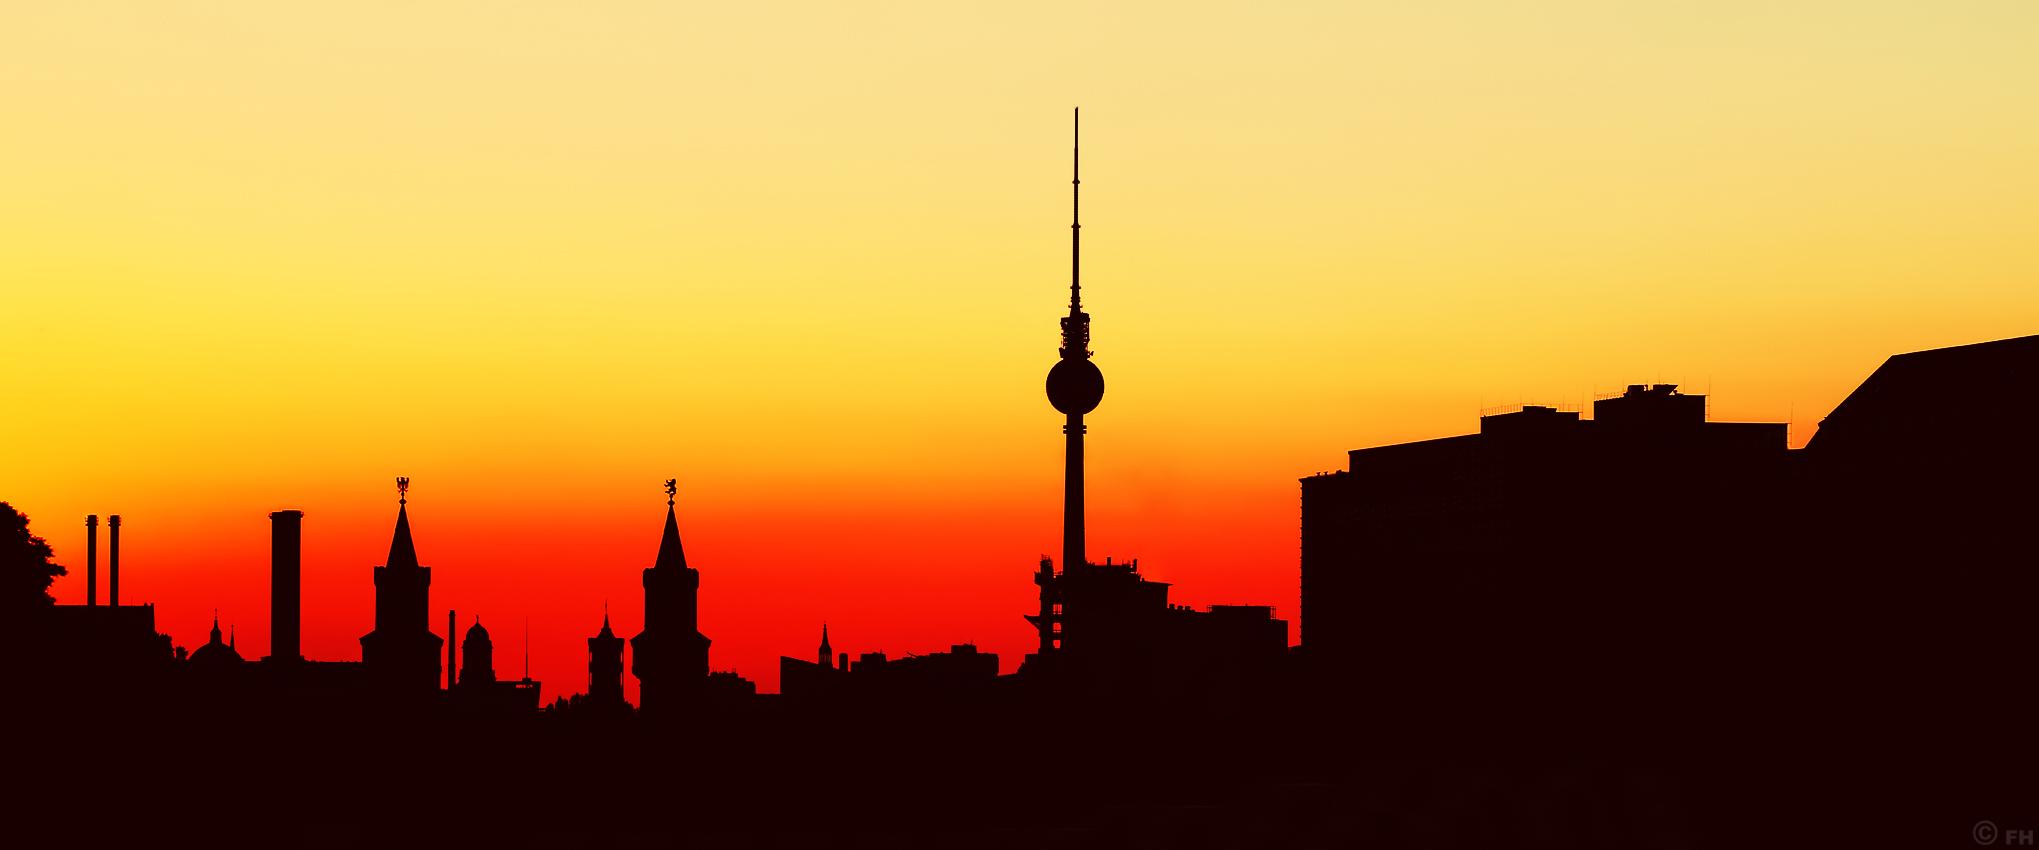 Berlin_Skyline_Silhouette_k